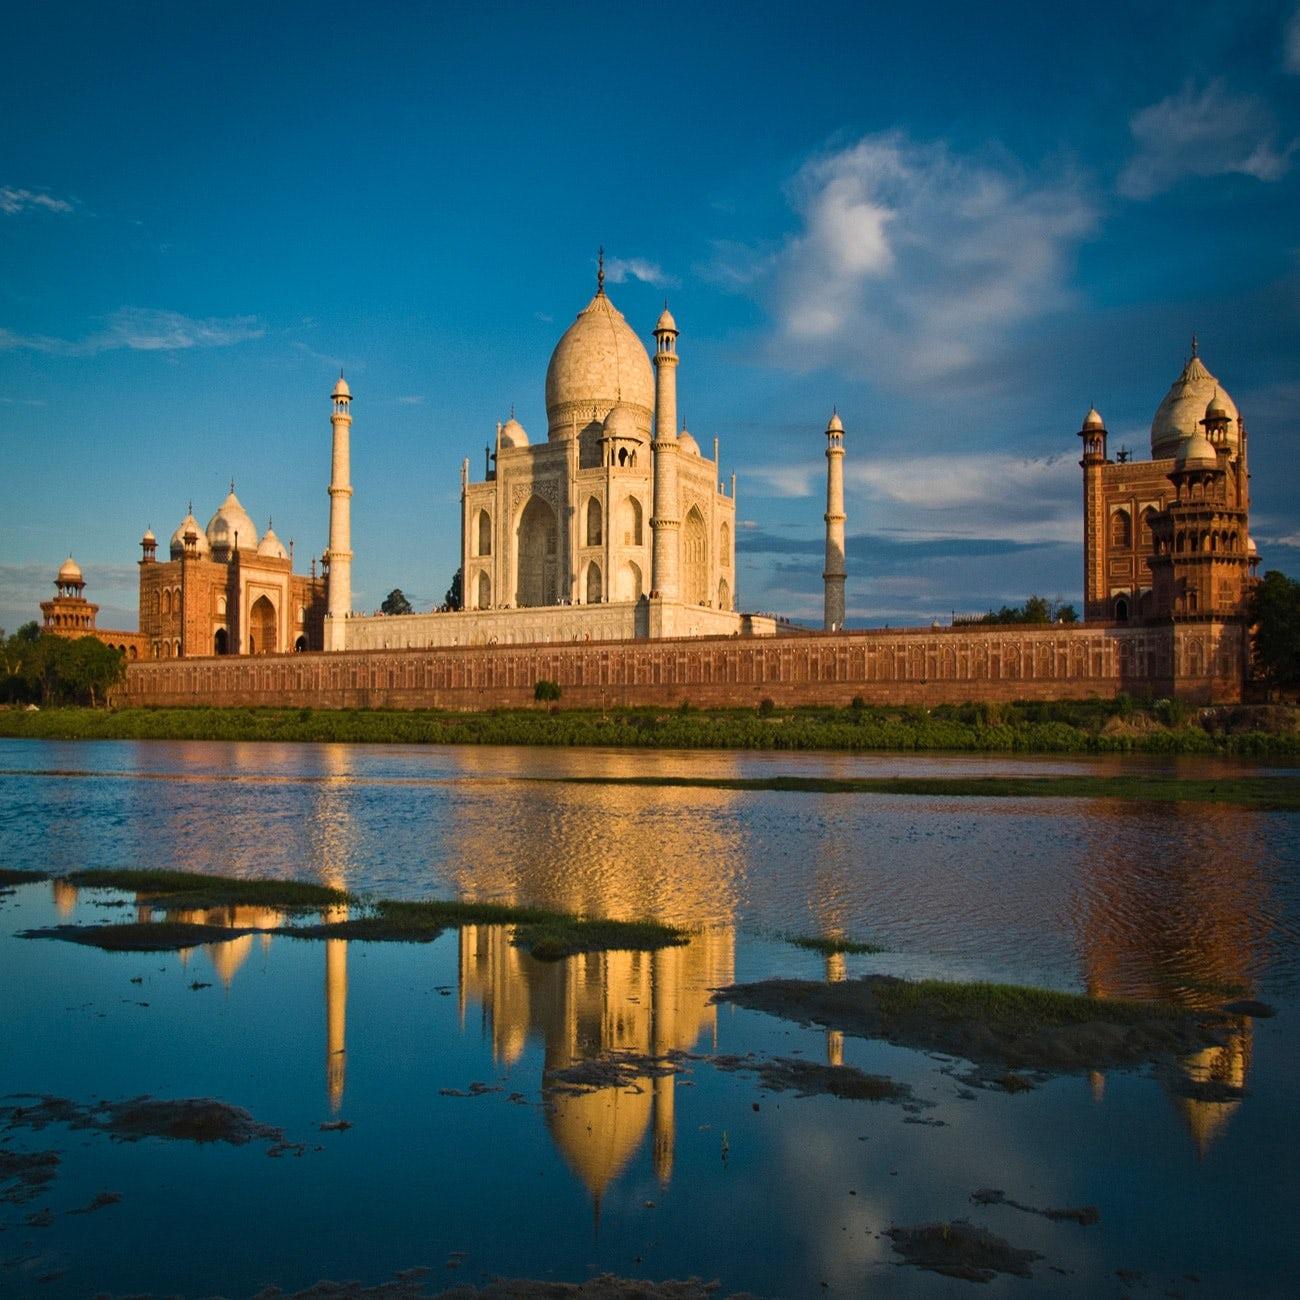 Top 10 Place To Visit In Kodaikanal India Tourism Tat: Indias Golden Triangle With Varanasi And Nepal Summer 2019